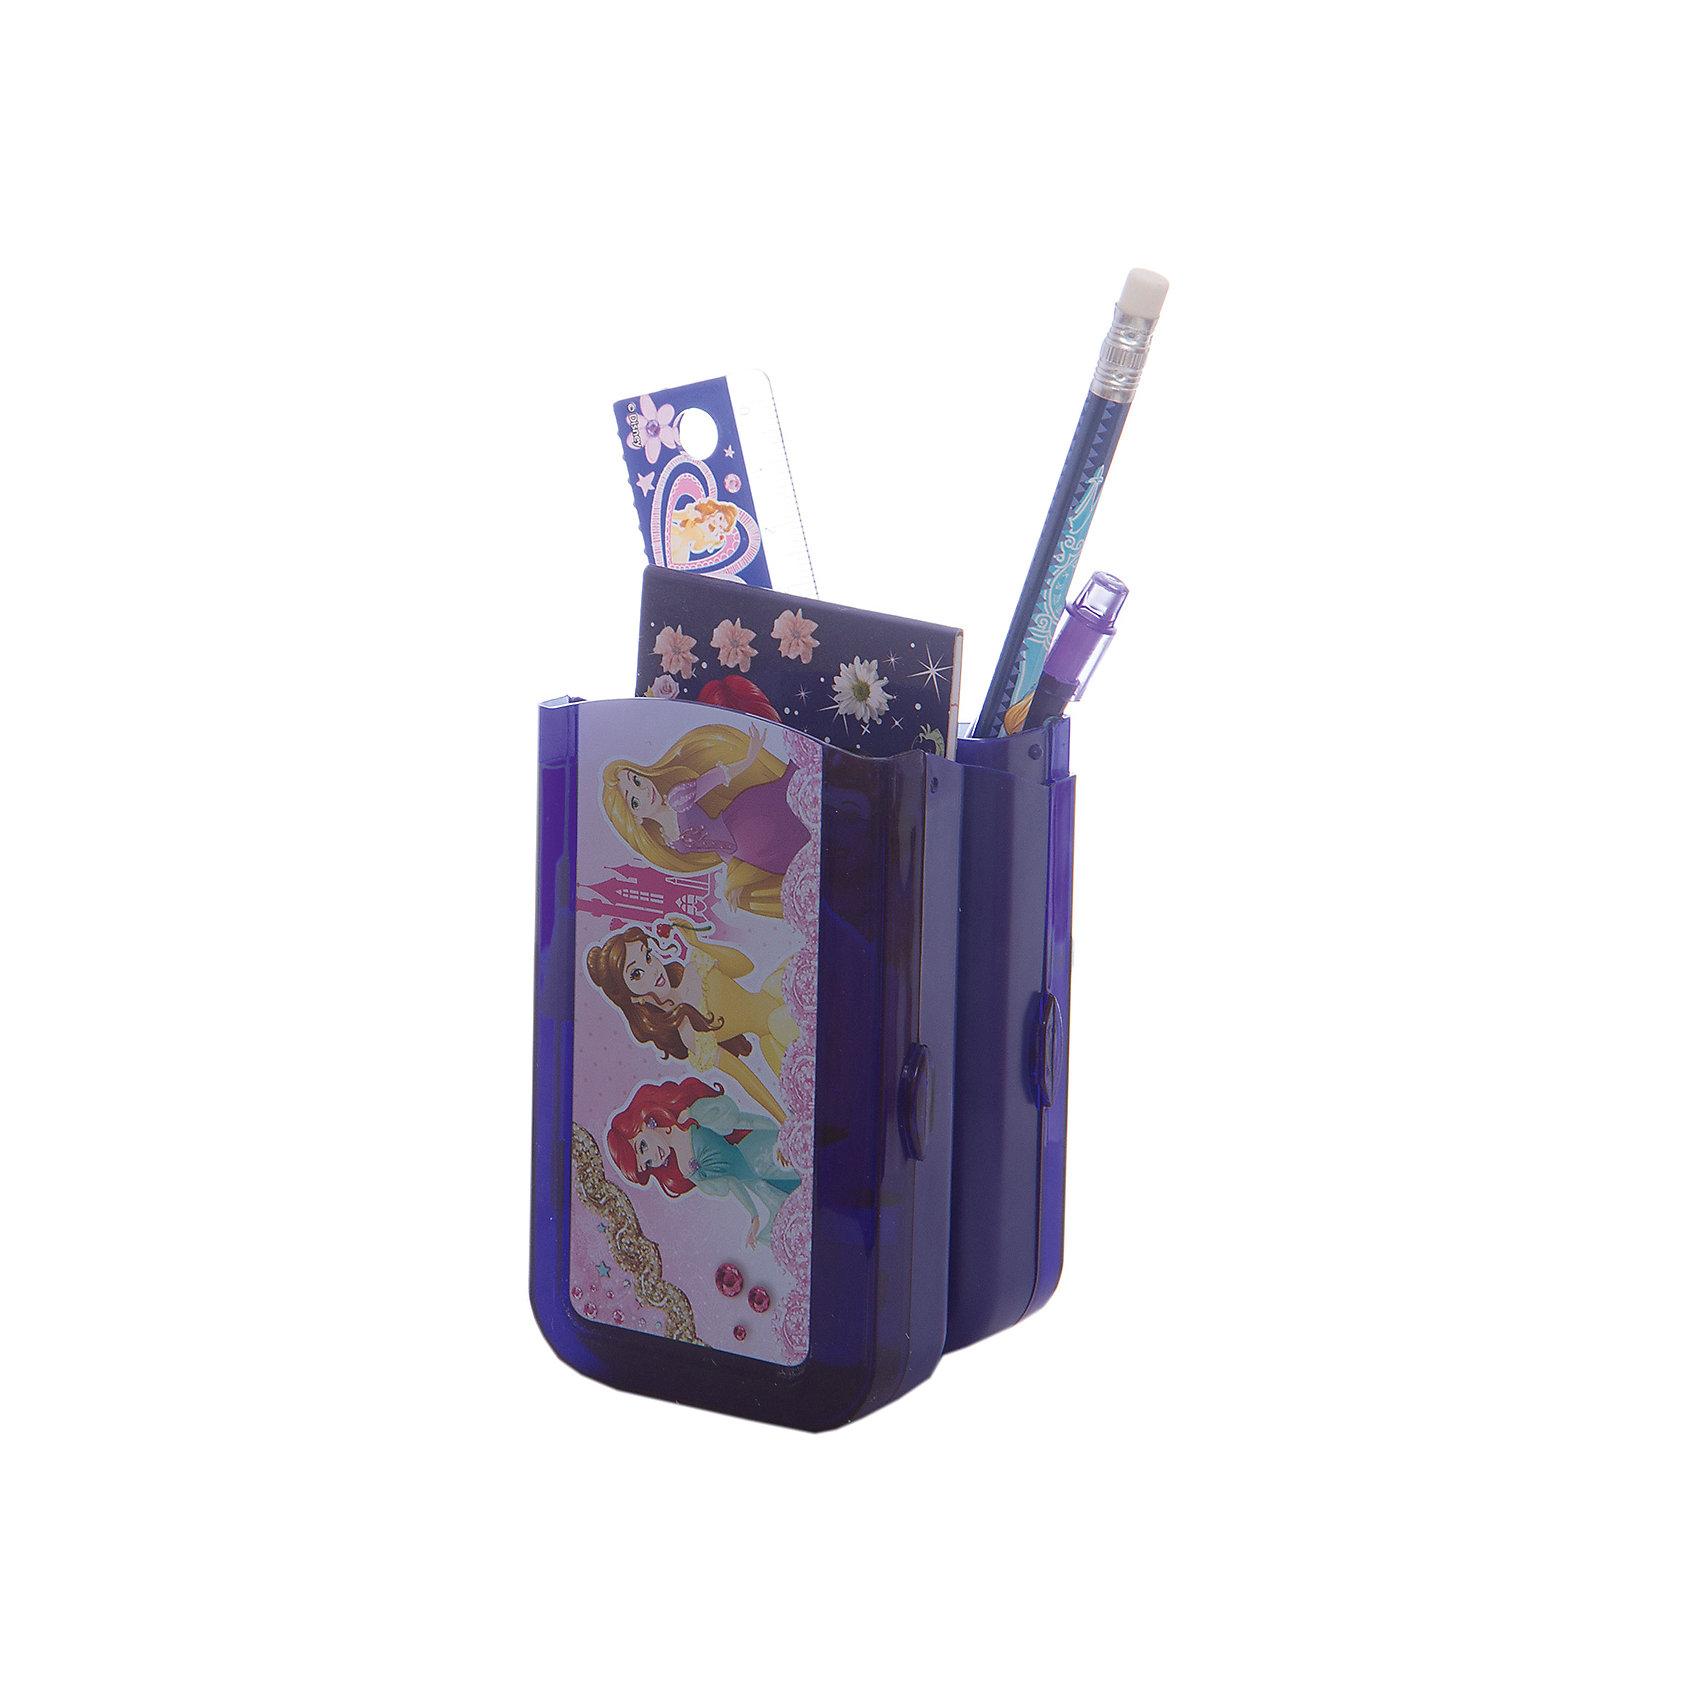 Канцелярский набор Принцессы Дисней (7 предметов)Наборы канцелярии<br>Канцелярский набор - это незаменимый инструмент в учебе. Набор упакован в ПП-пакет с кольцом и состоит из: чернографитного карандаша с ластиком, складного пластикового пенала, прозрачной линейки 15 см, ручки автоматической,  точилки, прямоугольного ластика, клеевого блокнота. Набор может стать отличным подарком для ученика любого возраста.<br><br>Дополнительная информация:<br><br>Размер: 22 х 7,5 х 6 см.<br>Состав набора:<br>карандаш ч/г с ластиком <br>пенал пластиковый складной<br>линейка прозрачная 15 см<br>ручка автоматическая<br>точилка малая<br>блокнот клеевой<br>ластик прямоугольный (обернутый бумагой)<br><br>Канцелярский набор Принцессы Дисней (Disney Princess) (7 предметов) можно купить в нашем магазине.<br><br>Ширина мм: 220<br>Глубина мм: 75<br>Высота мм: 60<br>Вес г: 170<br>Возраст от месяцев: 48<br>Возраст до месяцев: 108<br>Пол: Женский<br>Возраст: Детский<br>SKU: 4177211